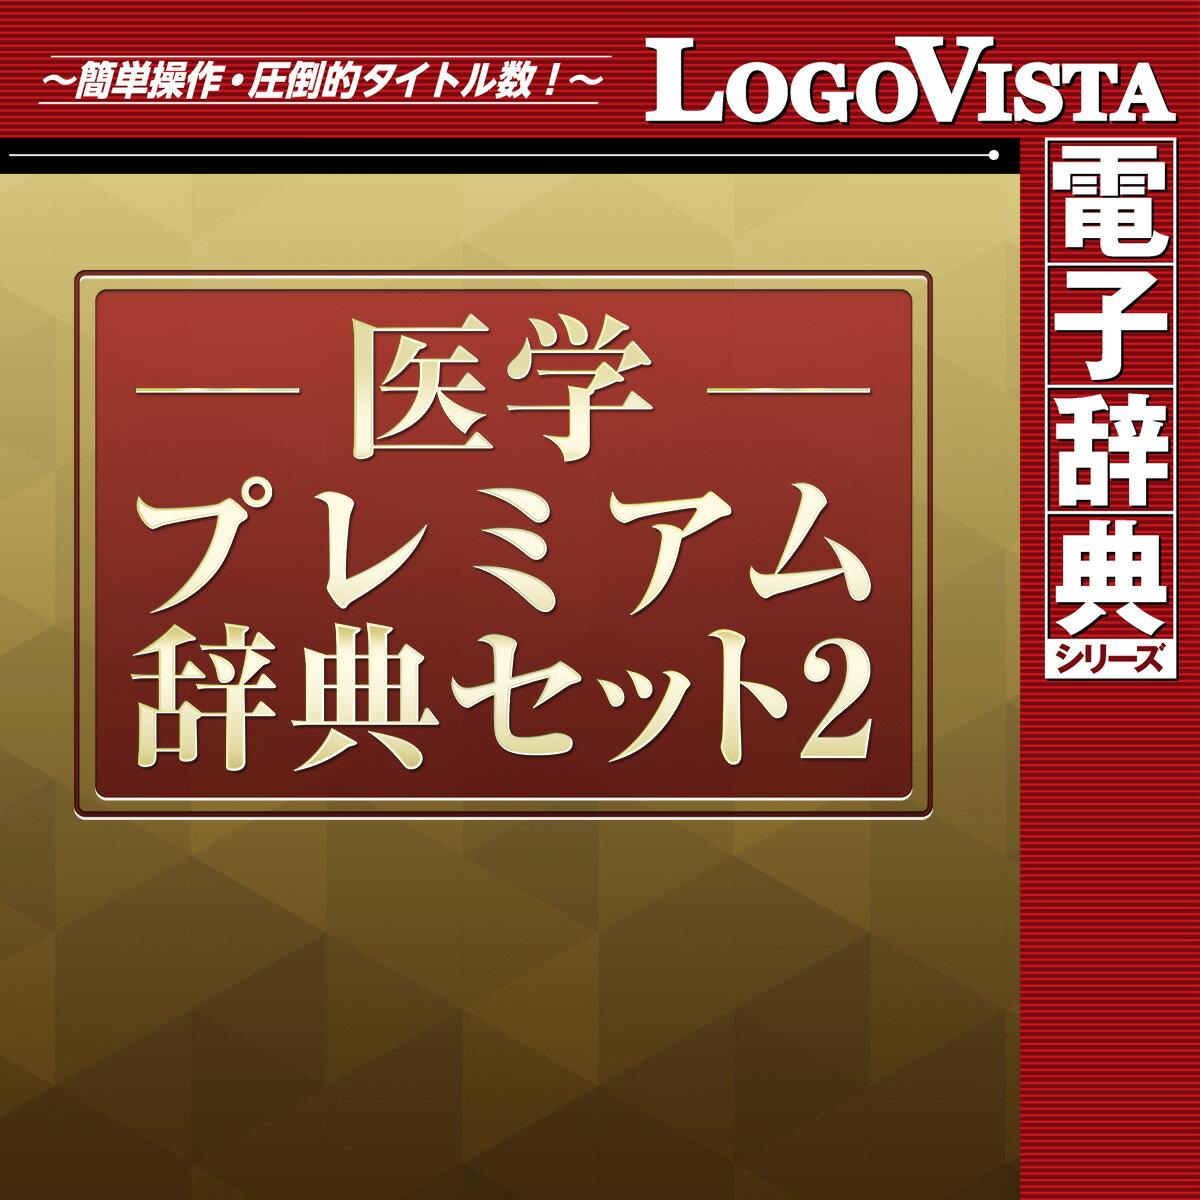 医学プレミアム辞典セット2 for Win / 販売元:ロゴヴィスタ株式会社